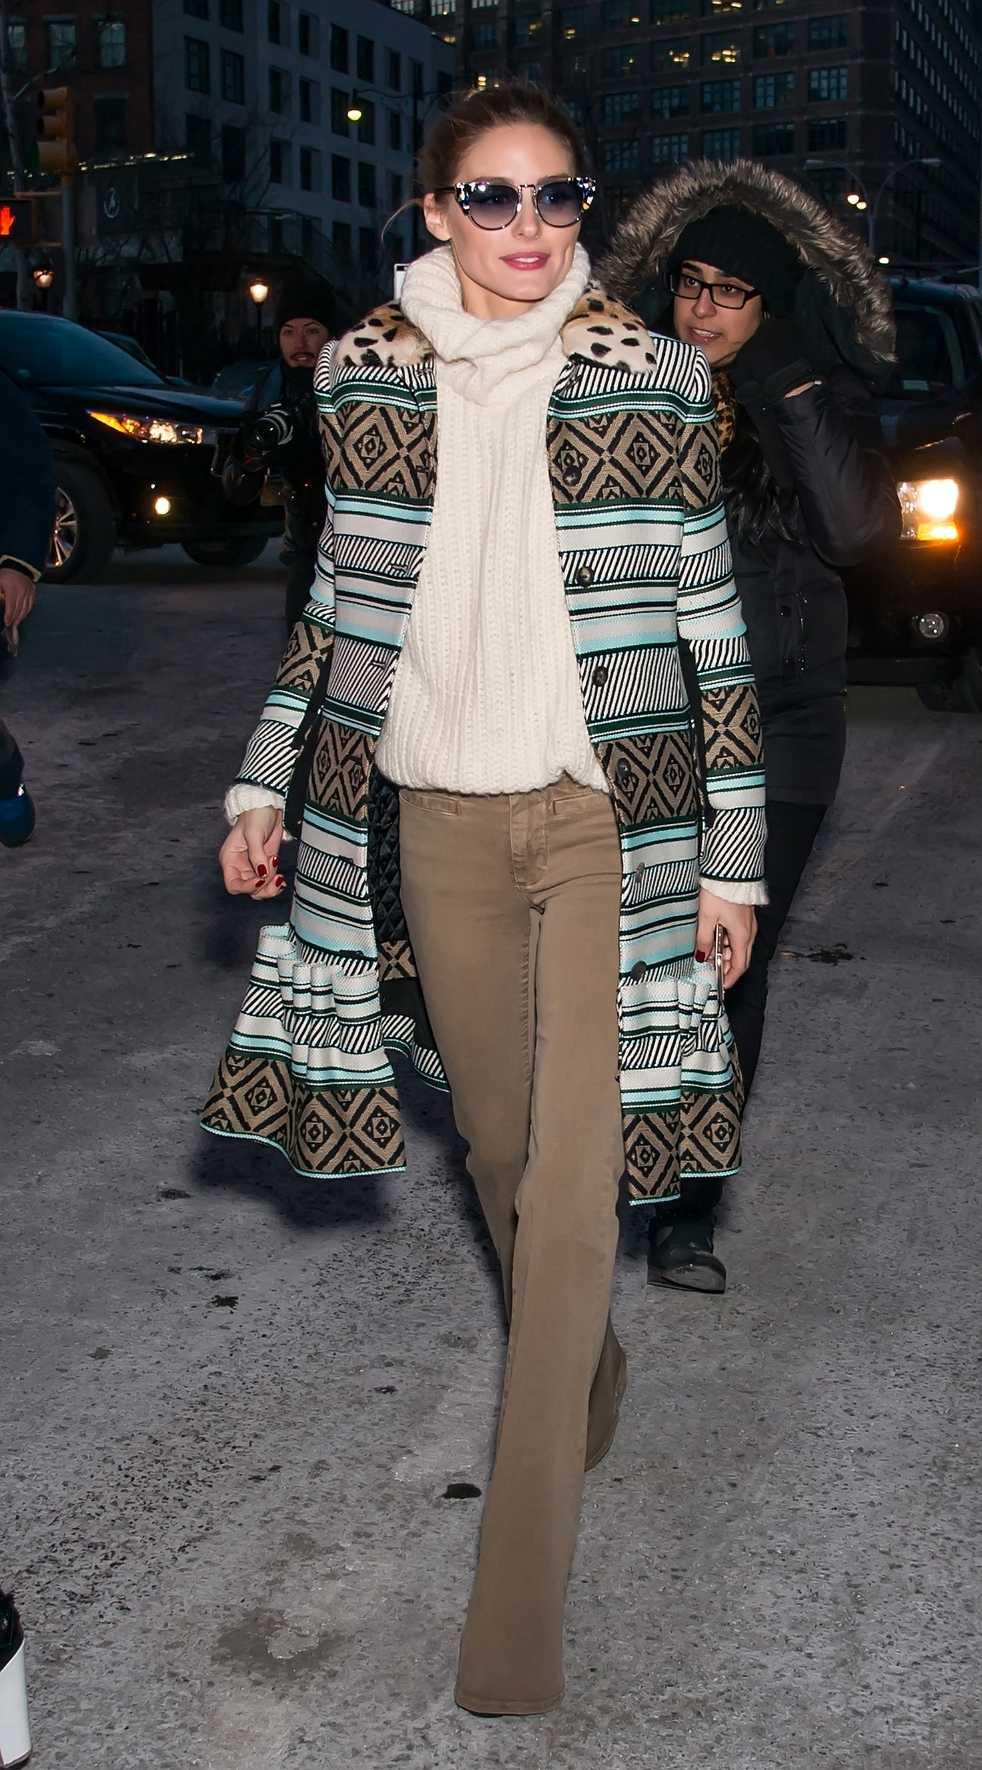 Olivia Palermo Olivia Palermo gjorde en storslagen entré i sann 70-talsanda inför Diane Von Furstenbergs visning under New Yorks fashion week. Gillar du looken finns det liknande alternativ nedan.